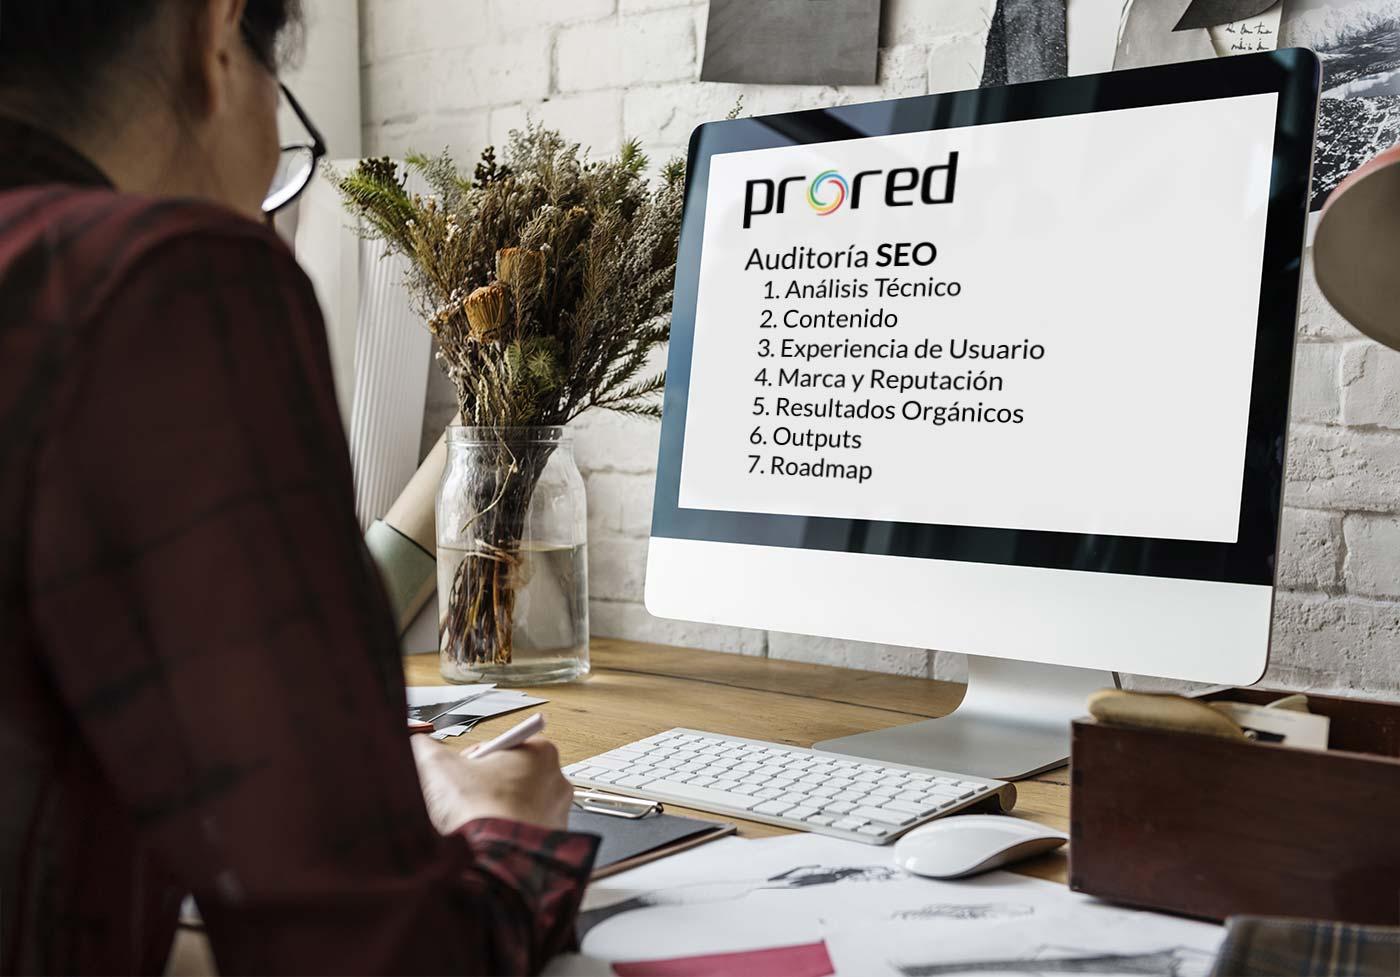 Auditoría SEO para posicionamiento online en buscadores